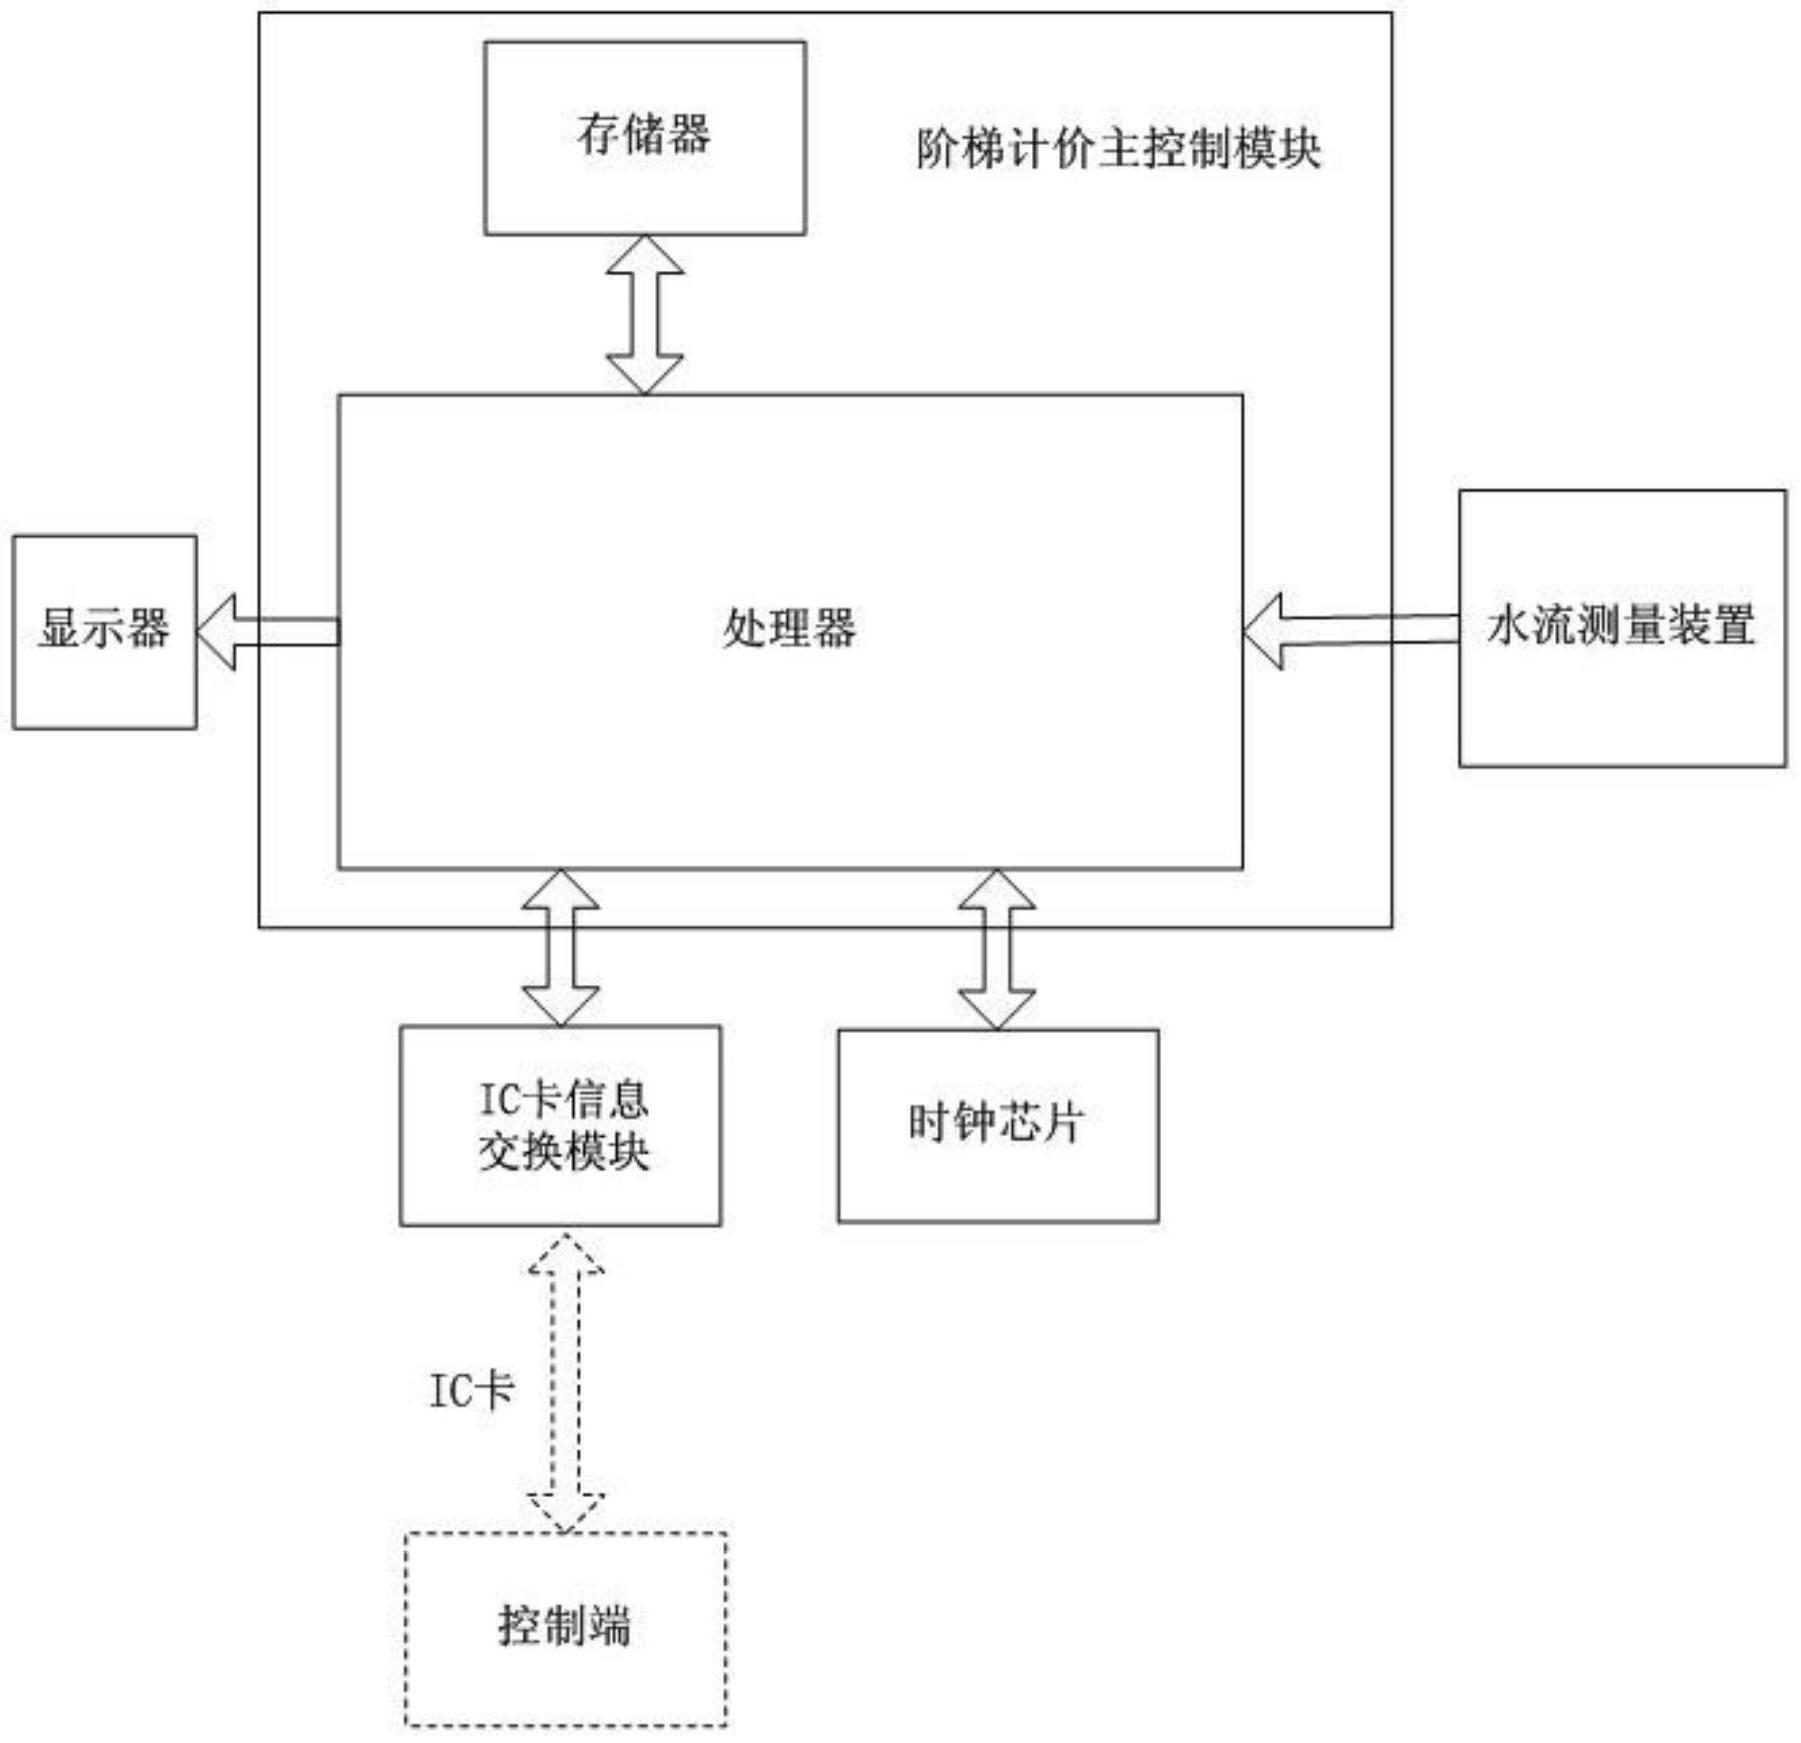 【仪表最新专利】ic卡智能水表阶梯计价系统